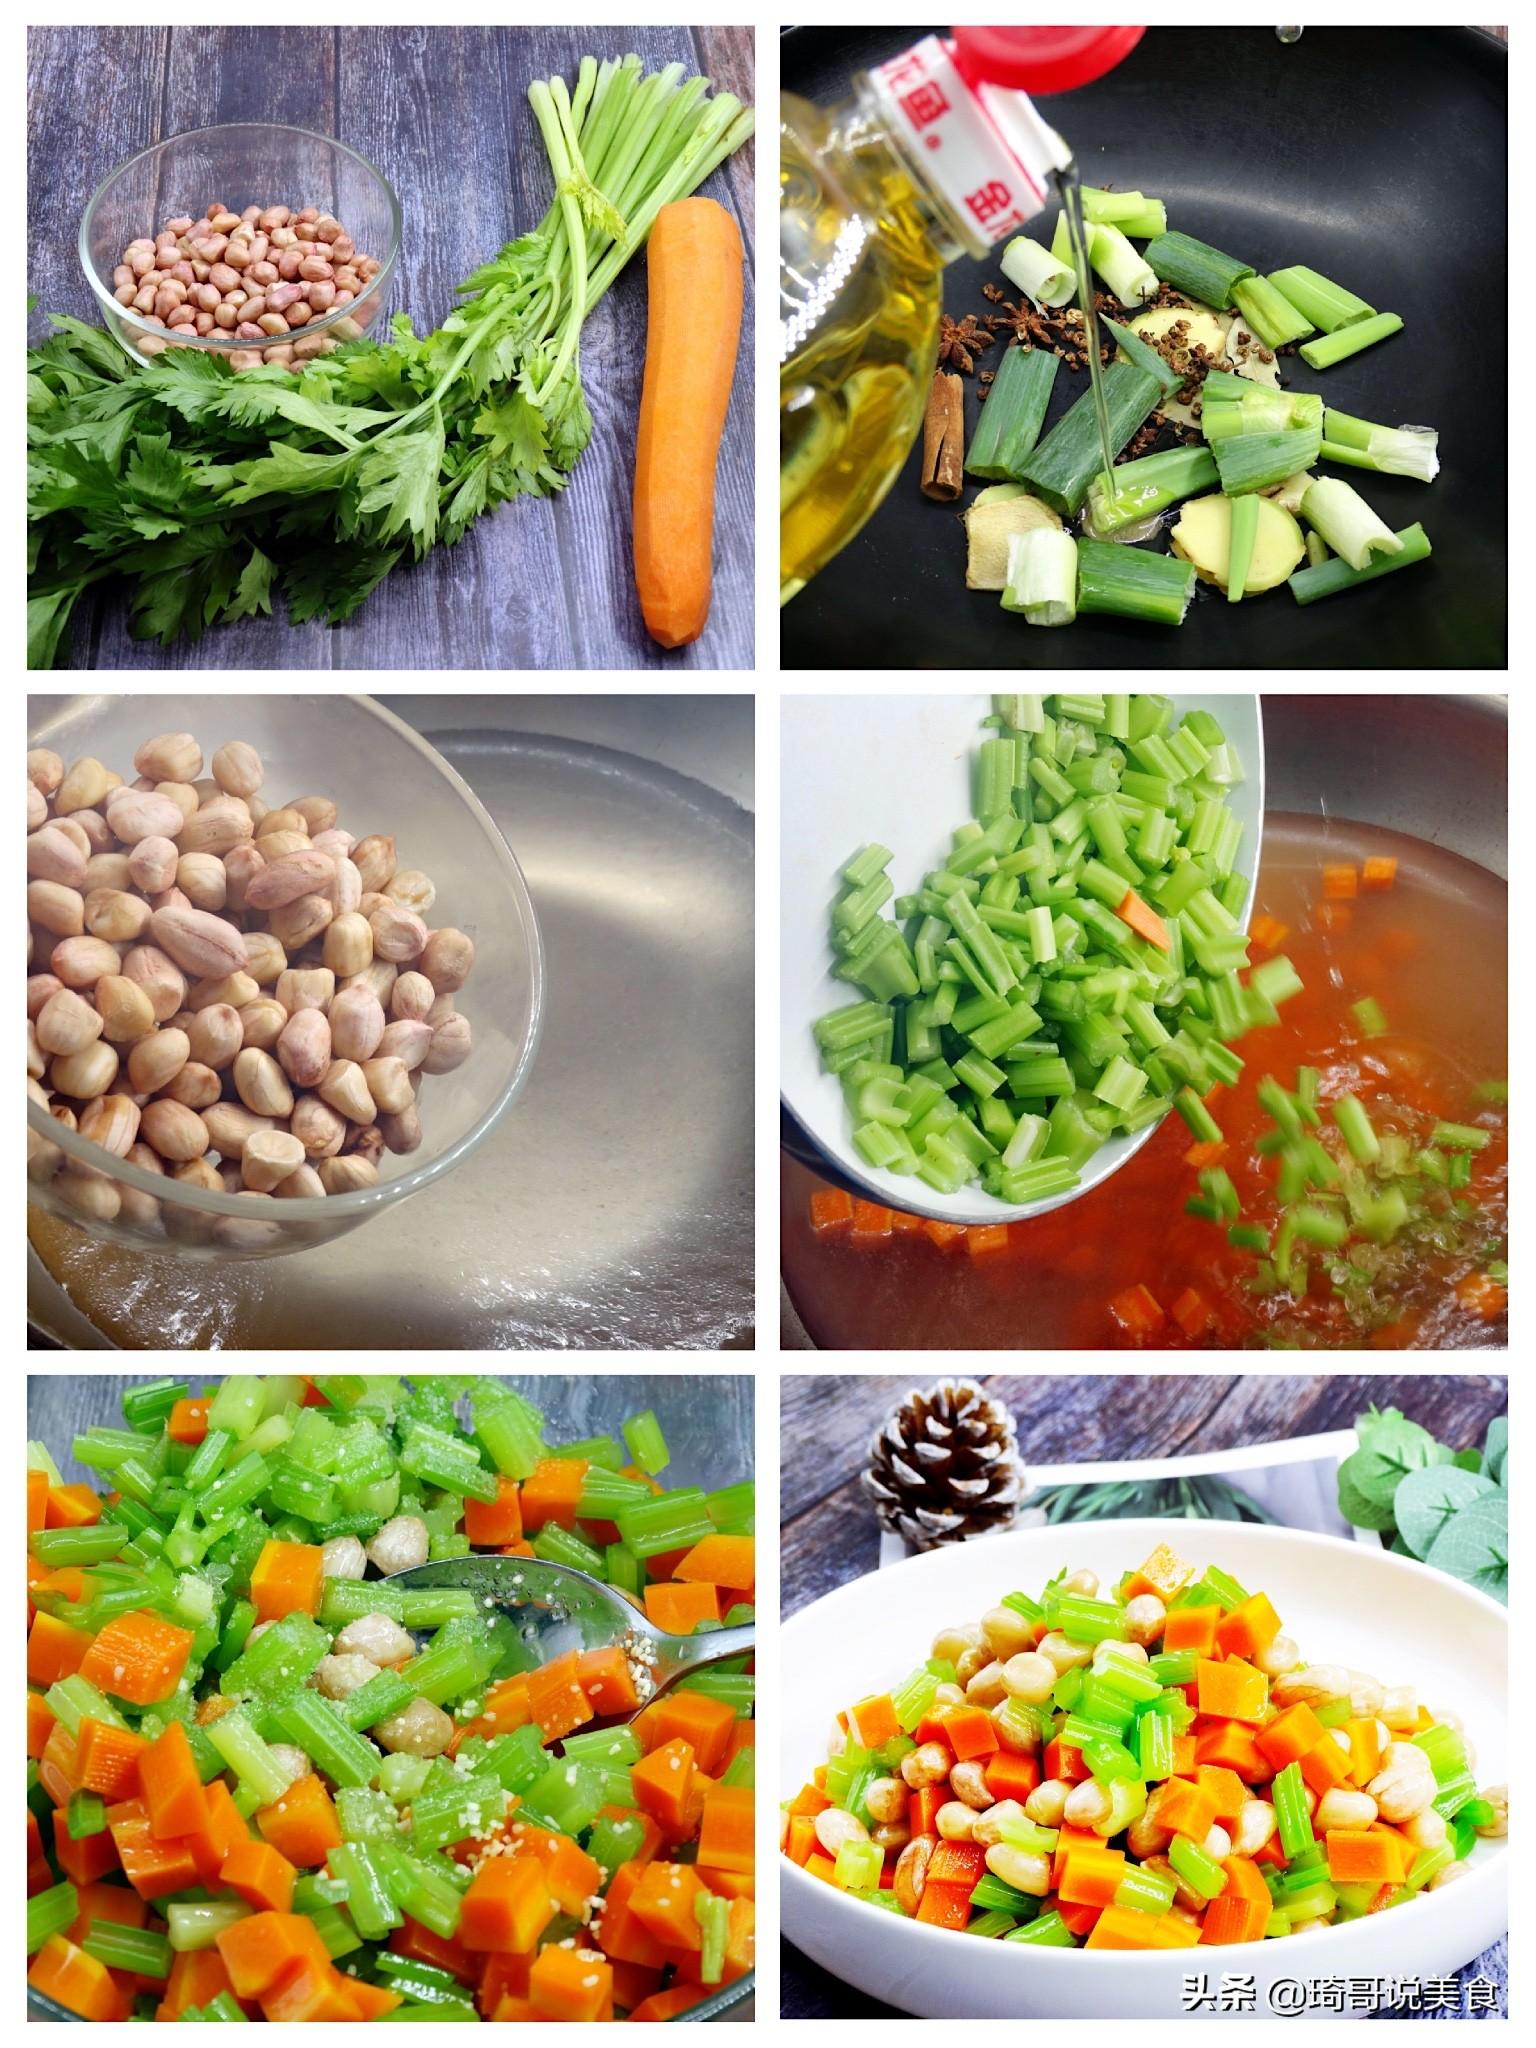 2021春节凉菜清单,比满桌鱼肉受欢迎,10道图解,简单易学 食材宝典 第13张